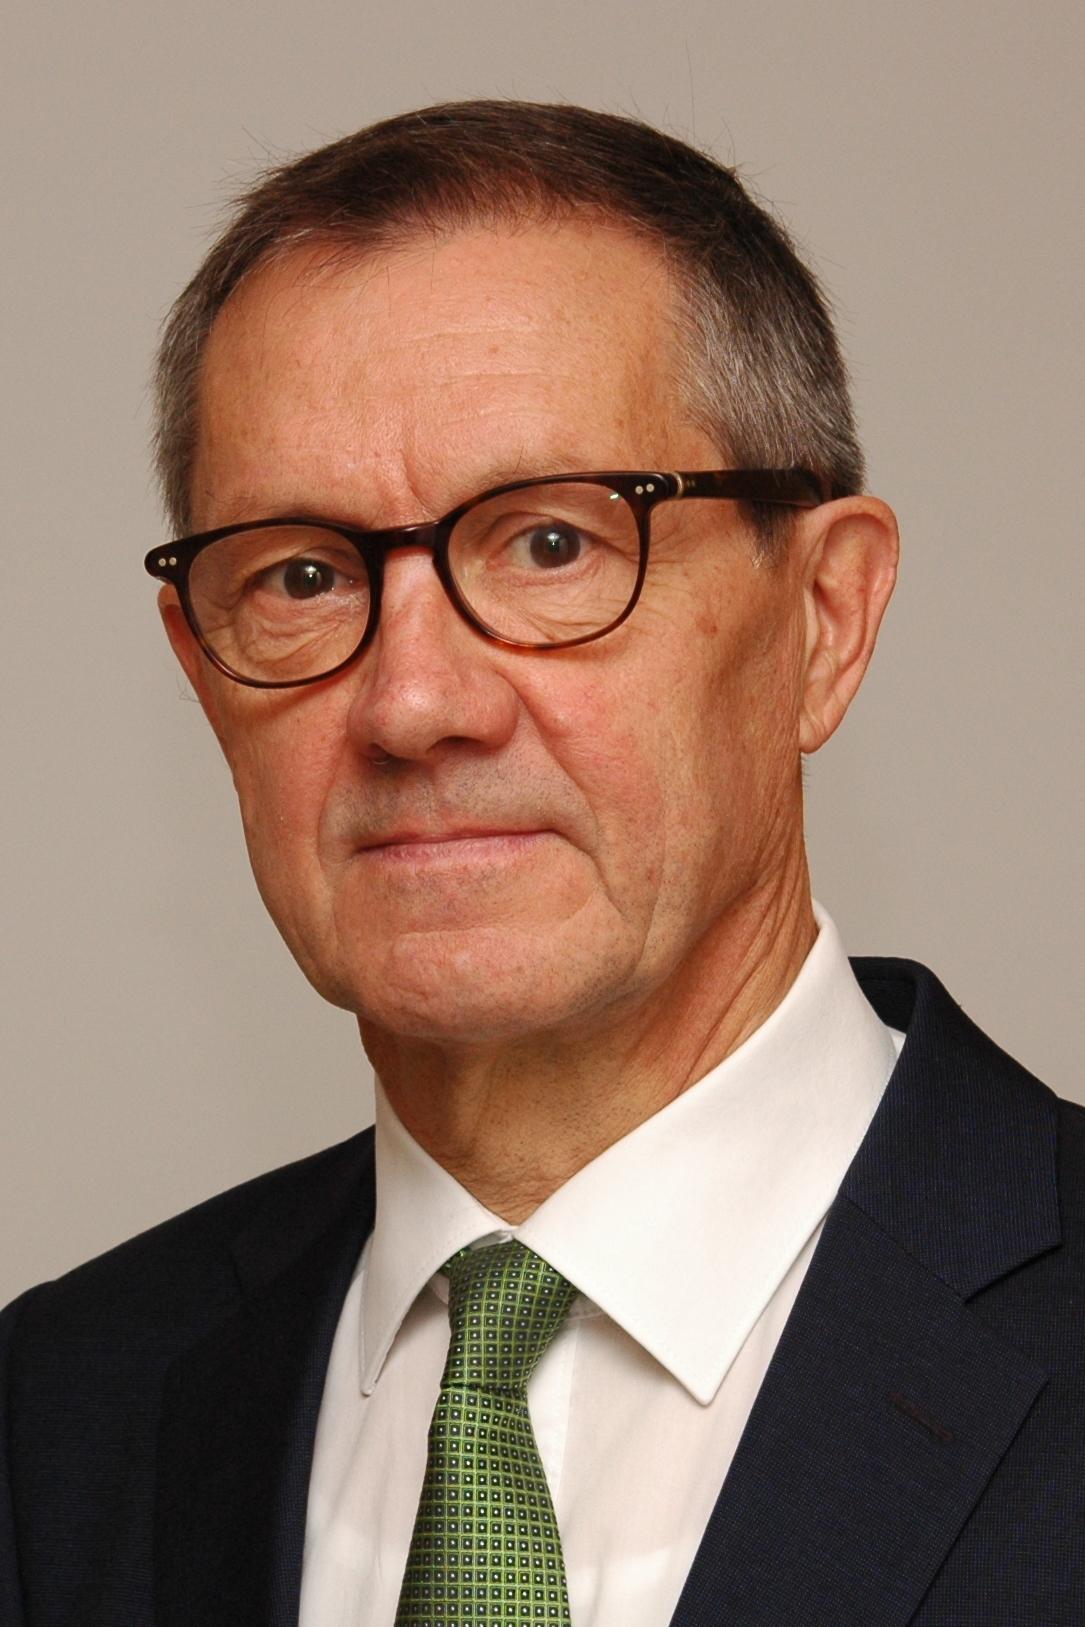 Prof. Scheffknecht